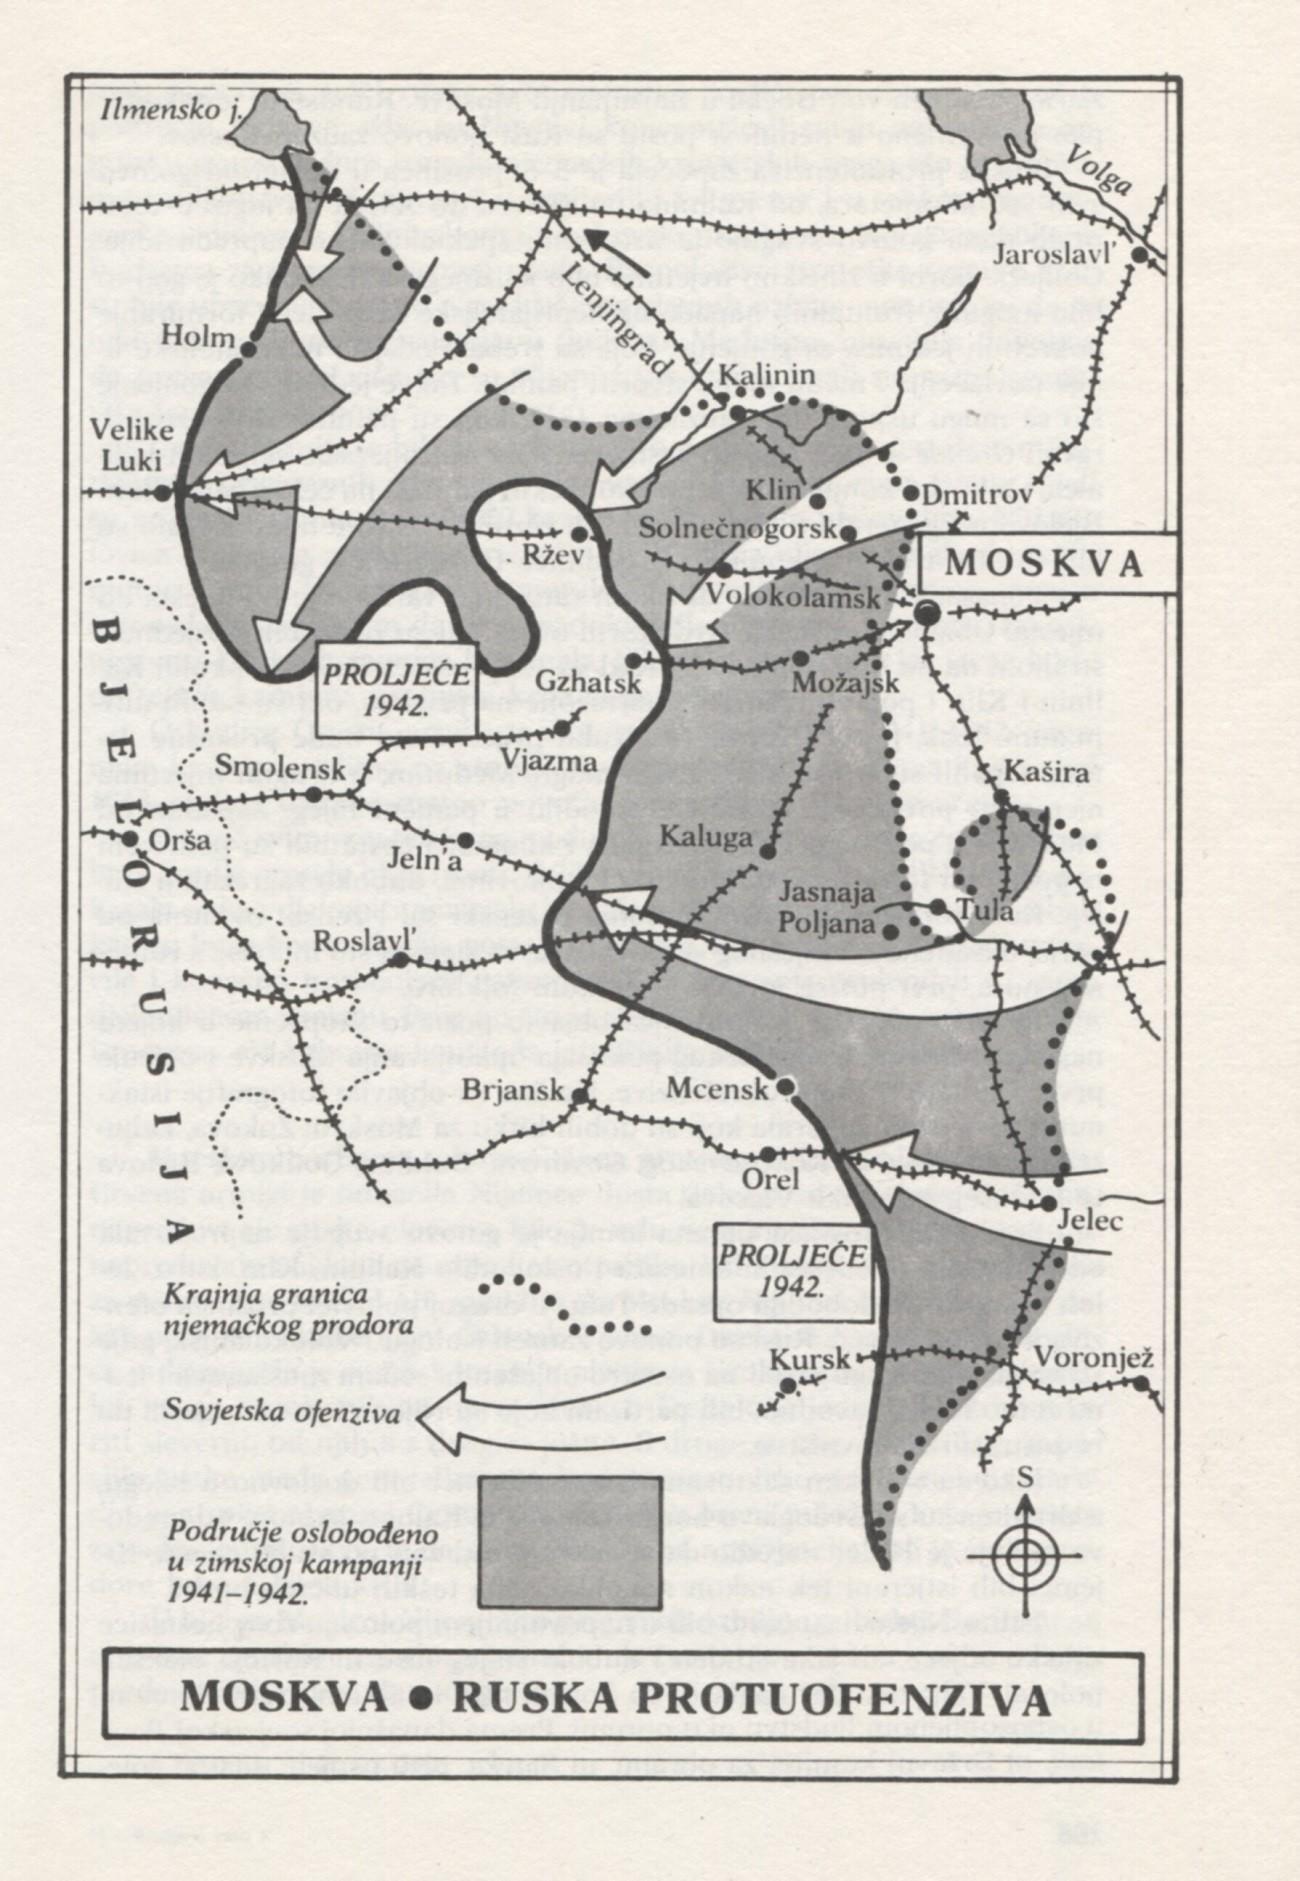 Совјетска контраофанзива 1941.